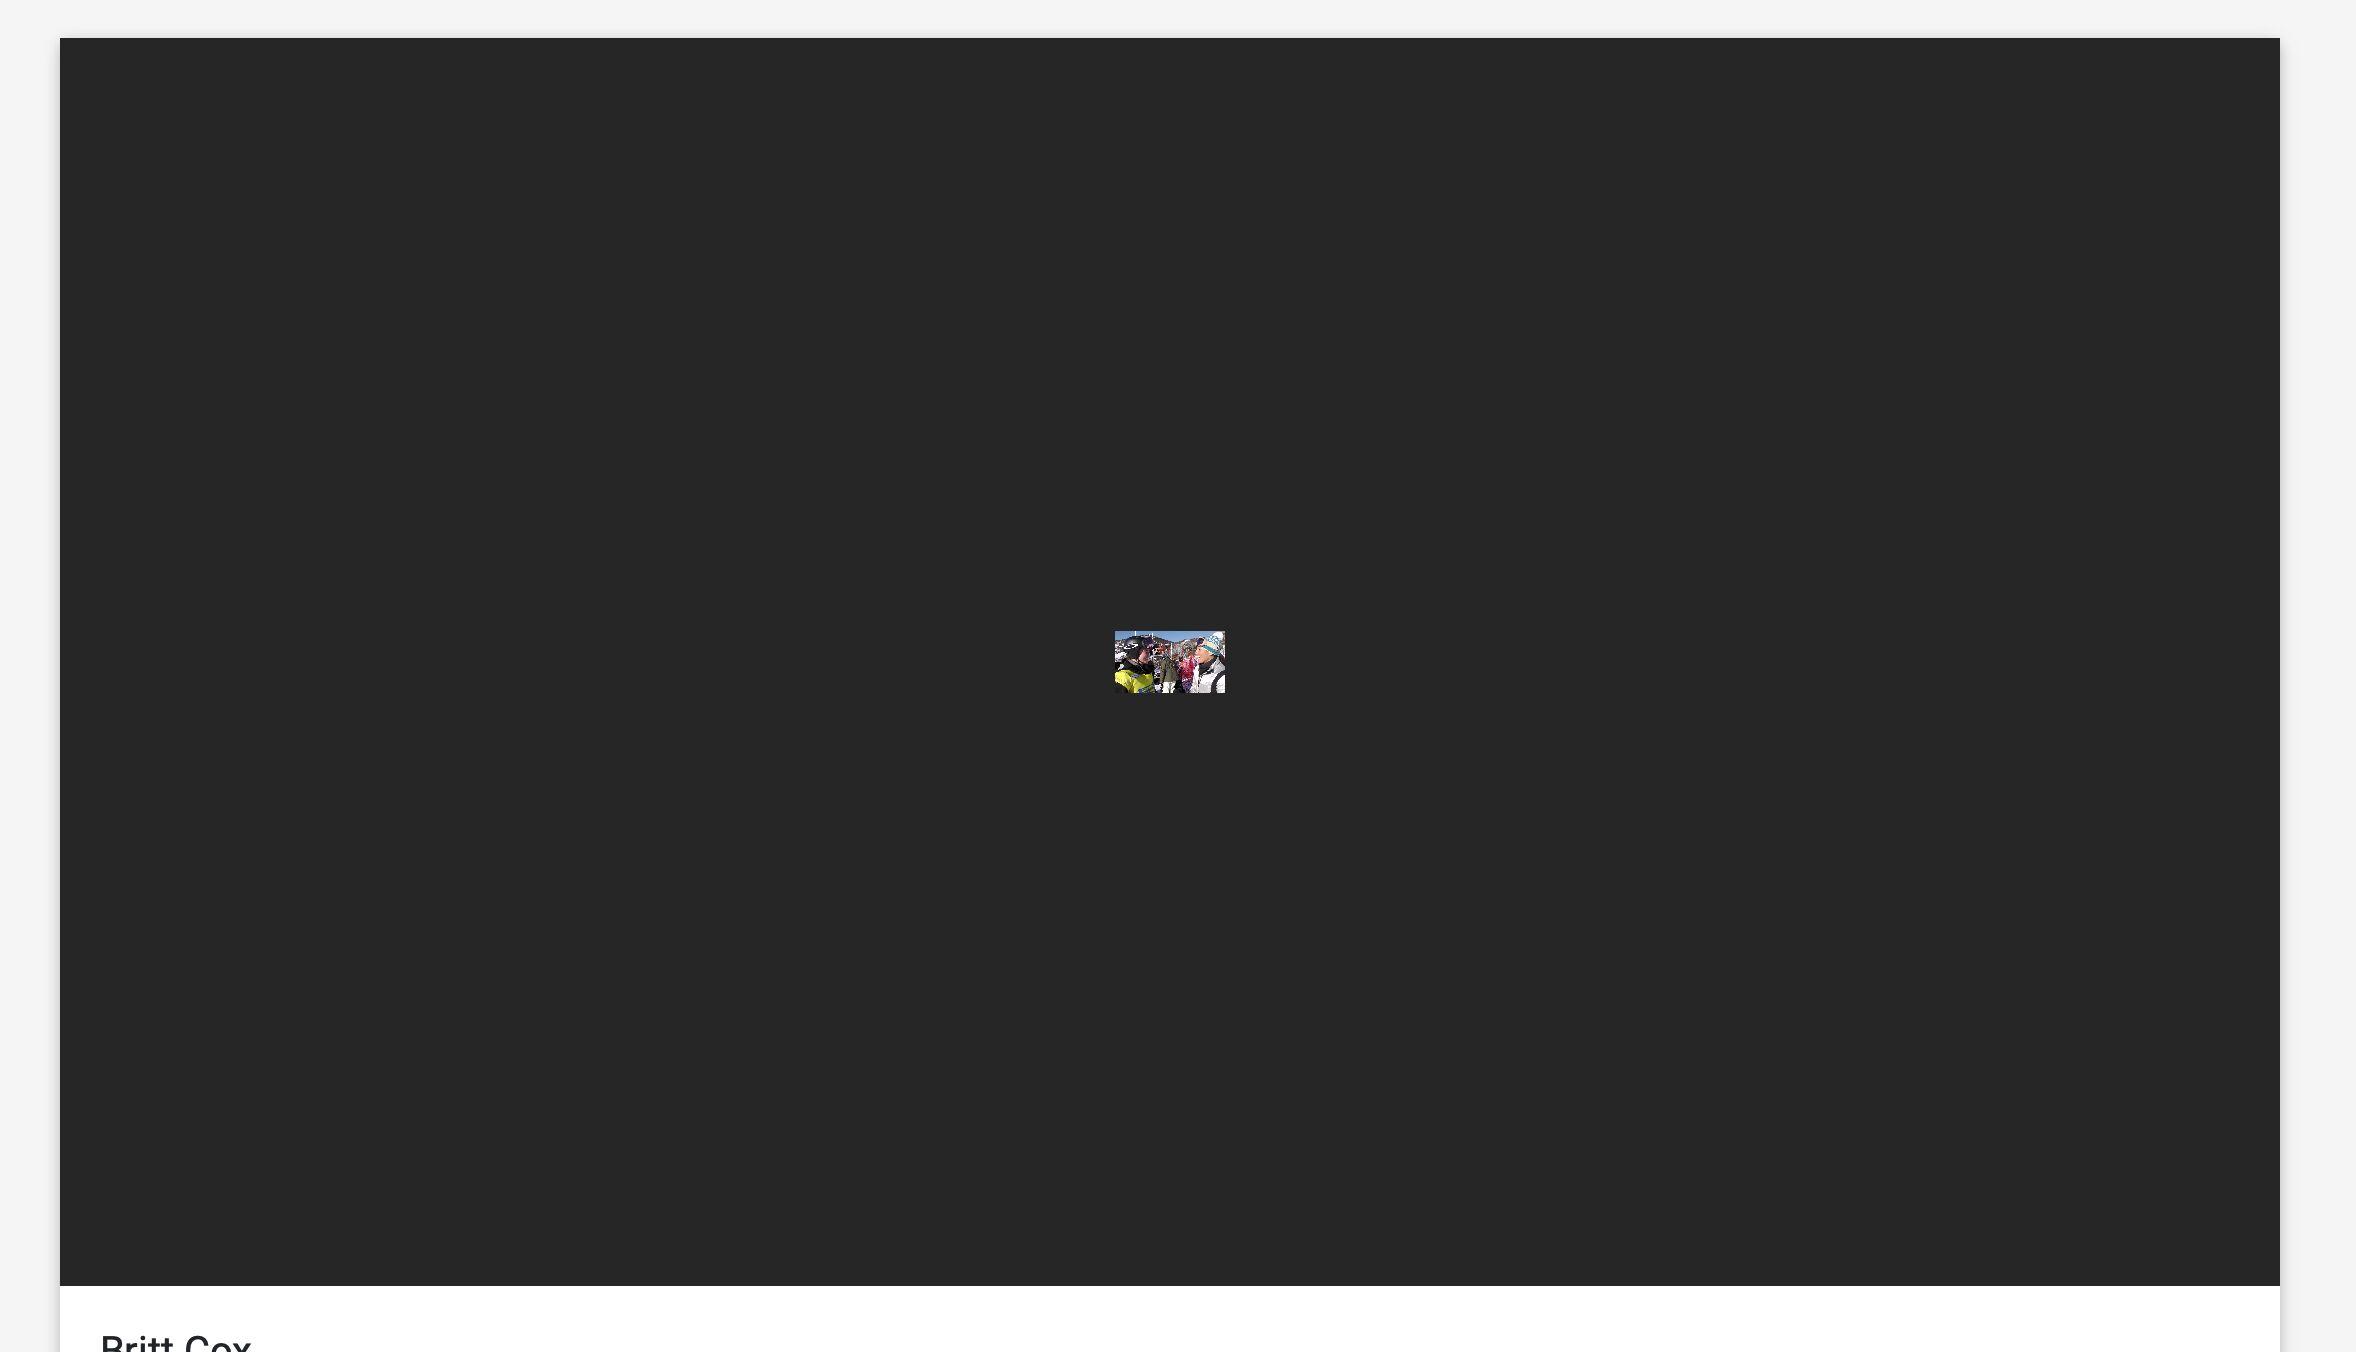 Safari screen shot of player